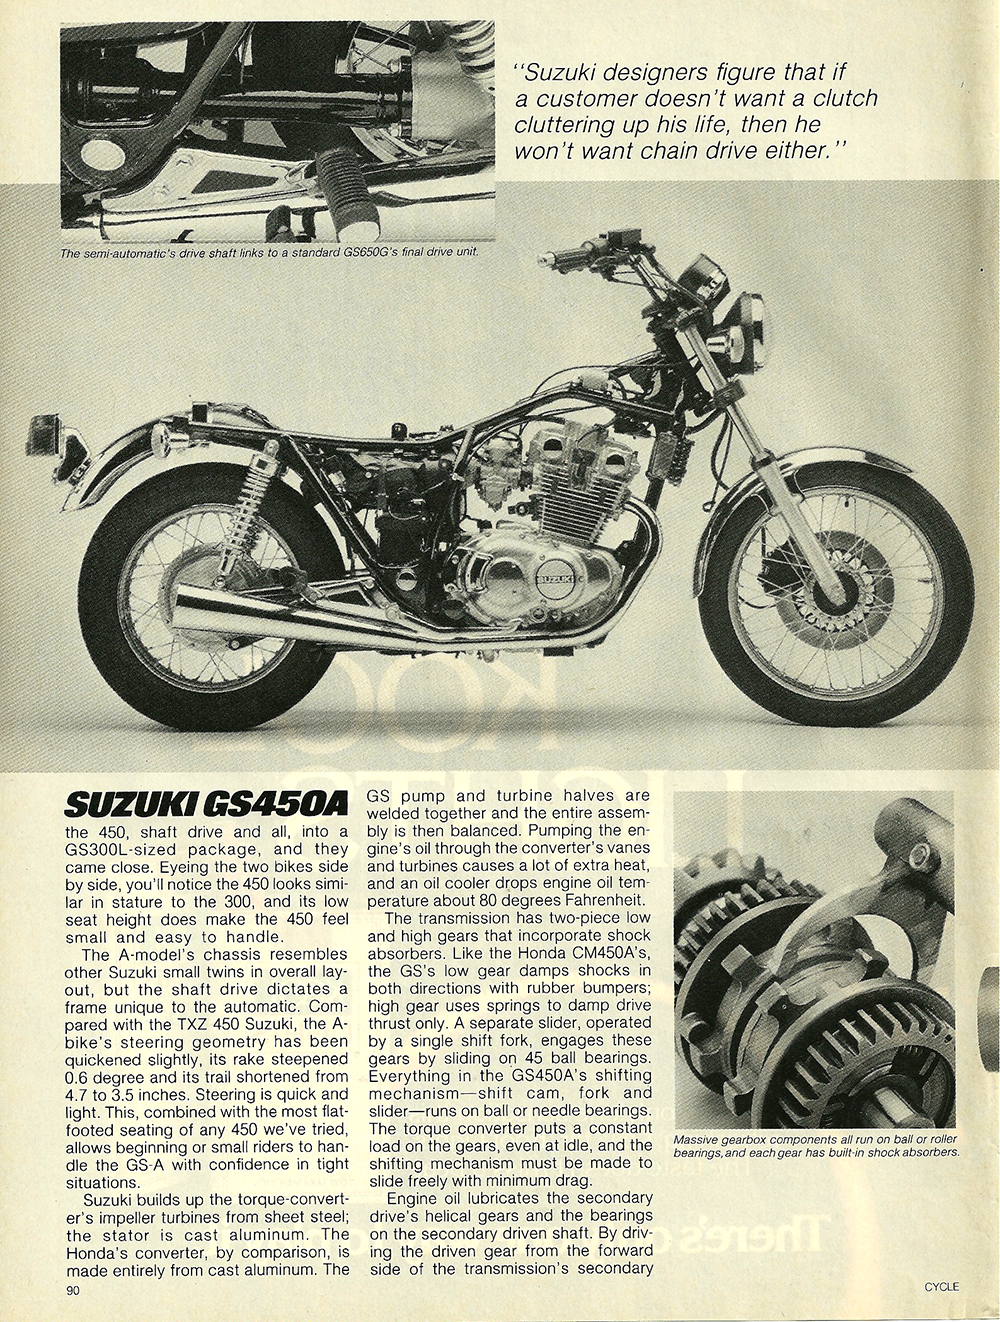 1982 Suzuki GS450A road test 2.jpg